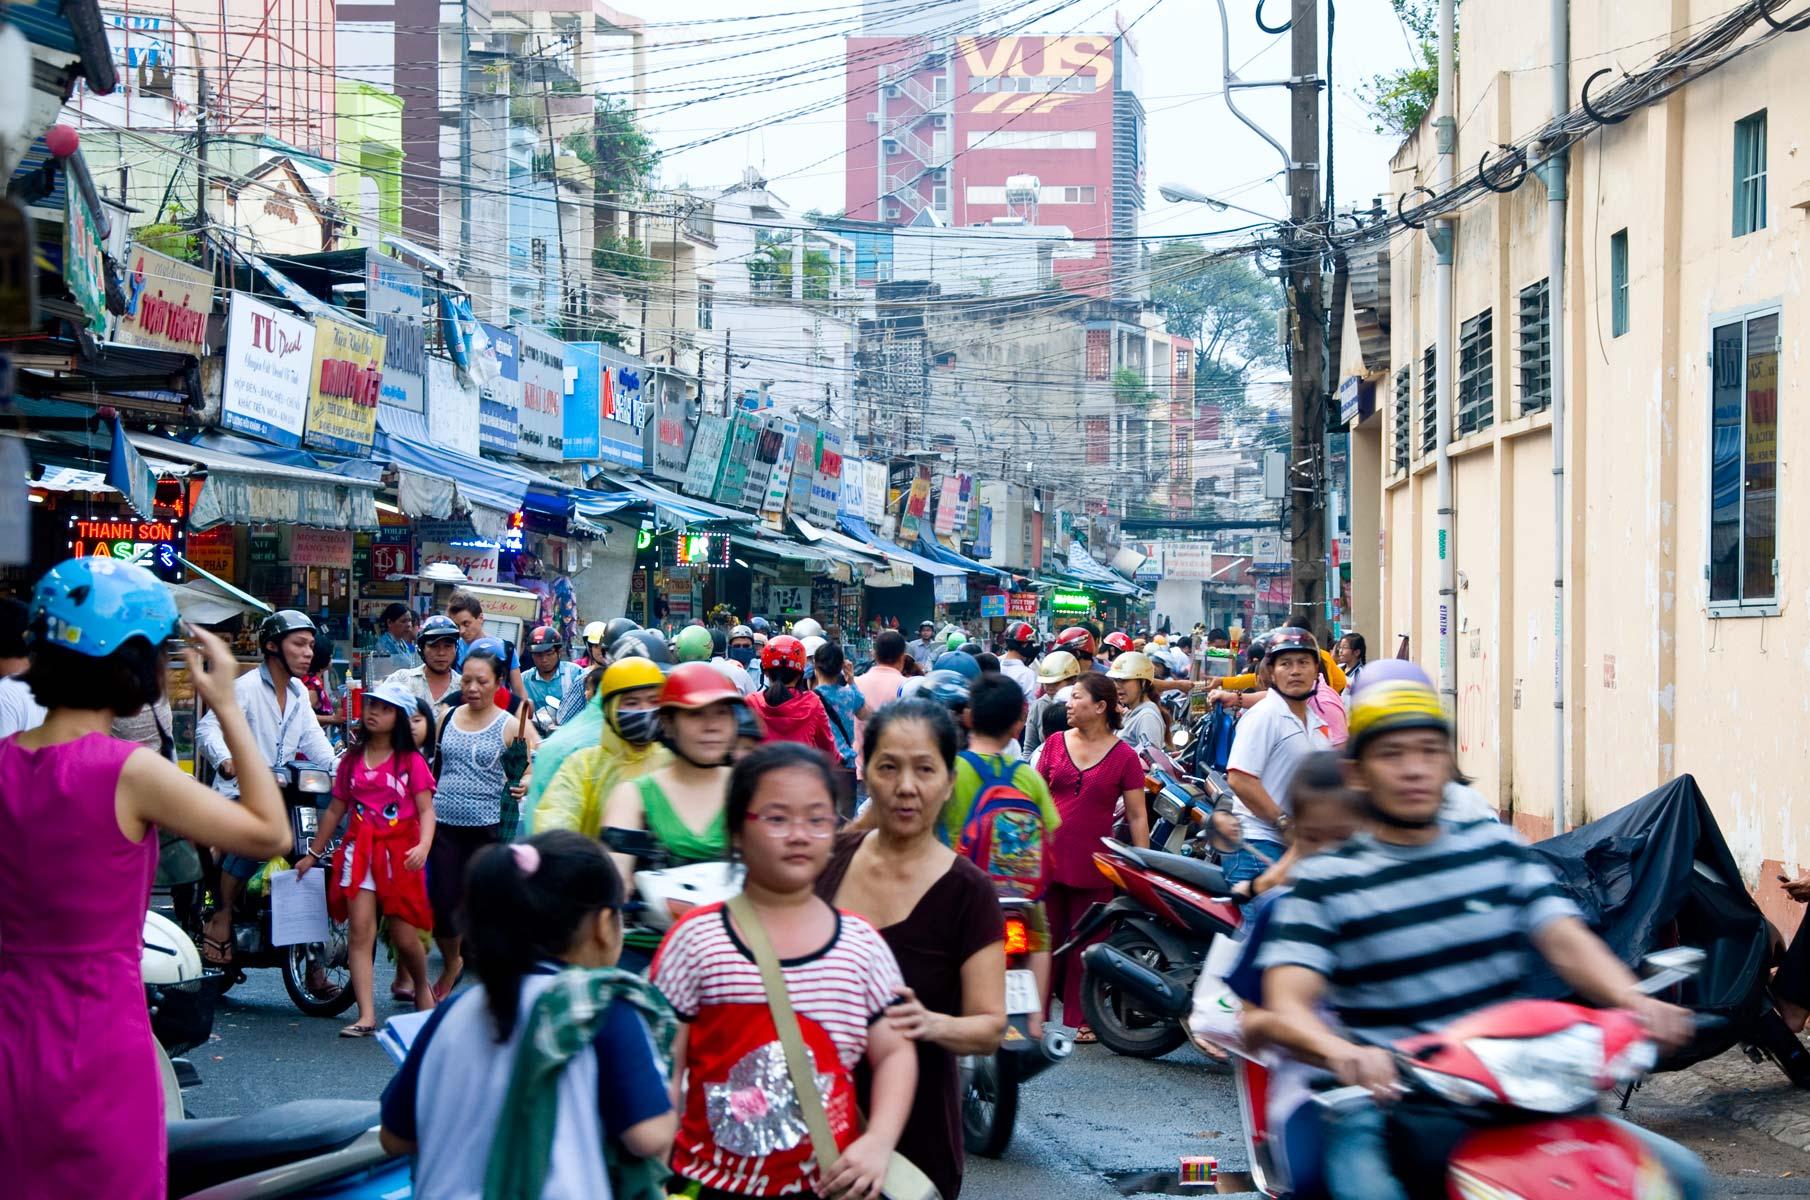 Verkehr mit Rollern/Mopeds in Saigon (Ho-Chi-Minh Stadt), Vietnam